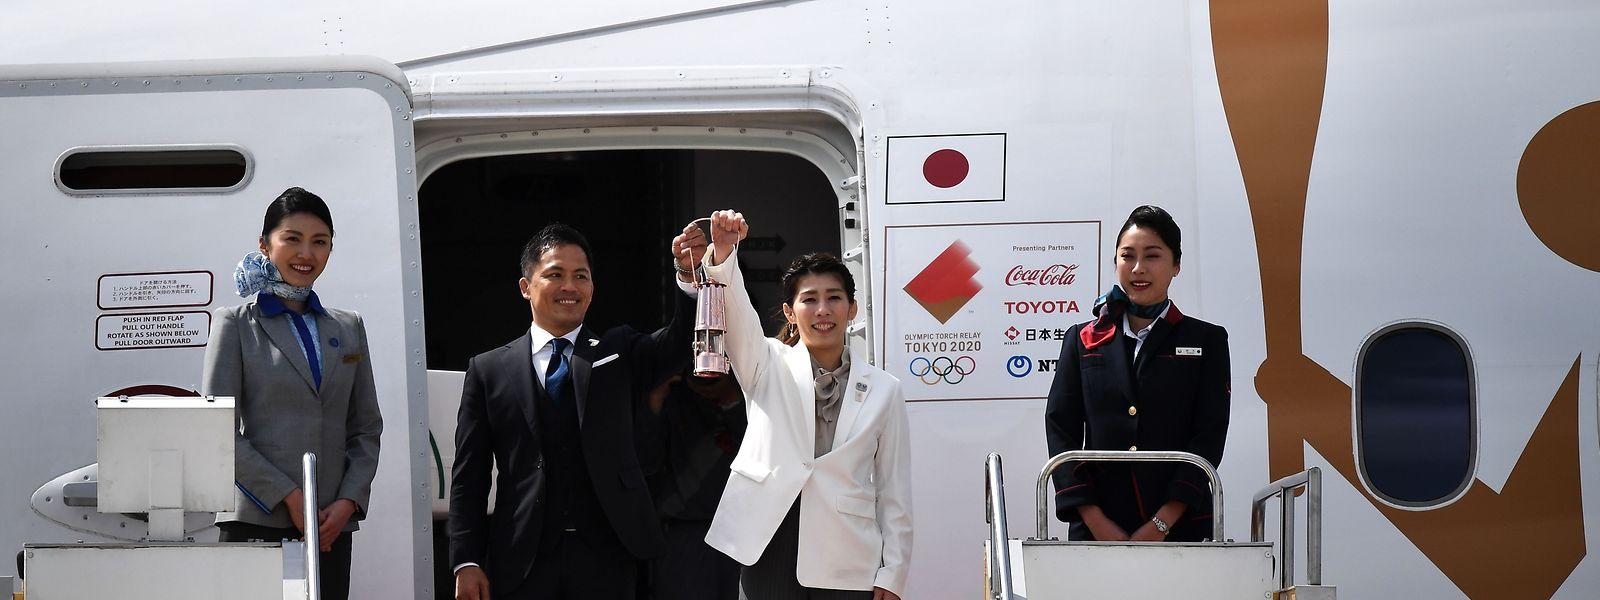 Les anciens champions olympiques Saori Yoshida et Tadahiro Nomura ont descendu la flamme de l'avion spécialement affrété de Grèce